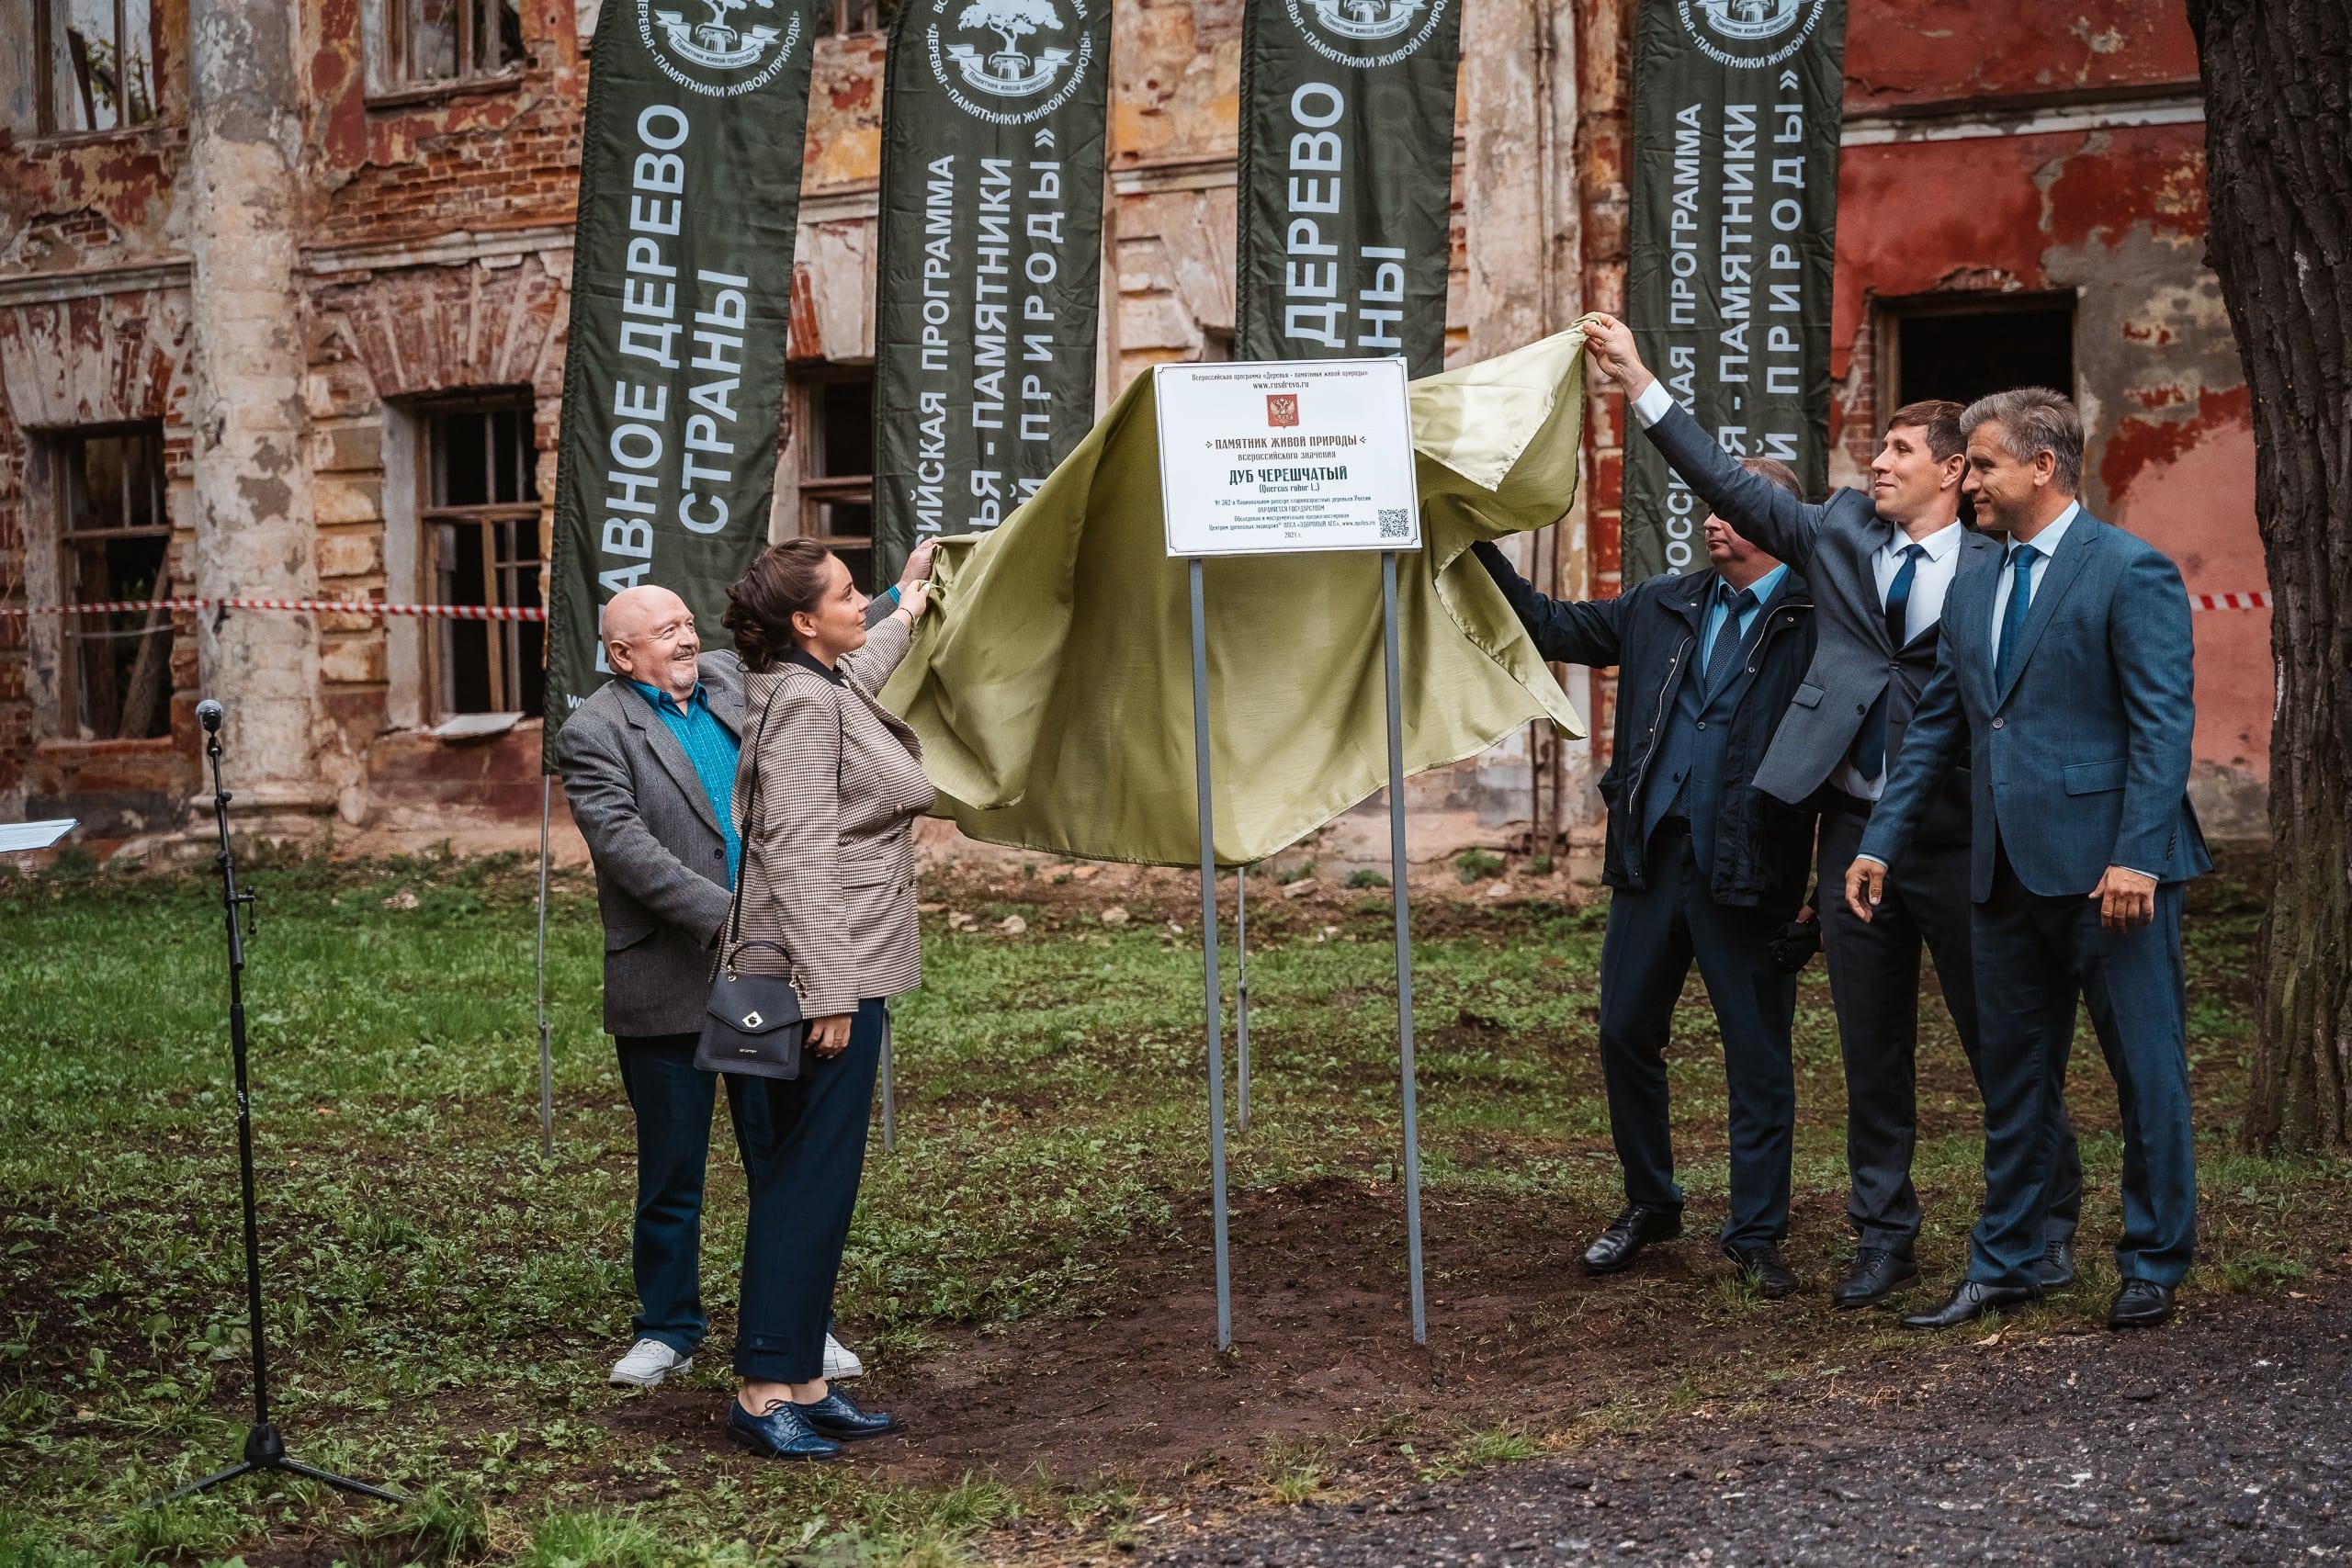 Царский юбилей: 200-летний дуб в Твери получил статус памятника живой природы